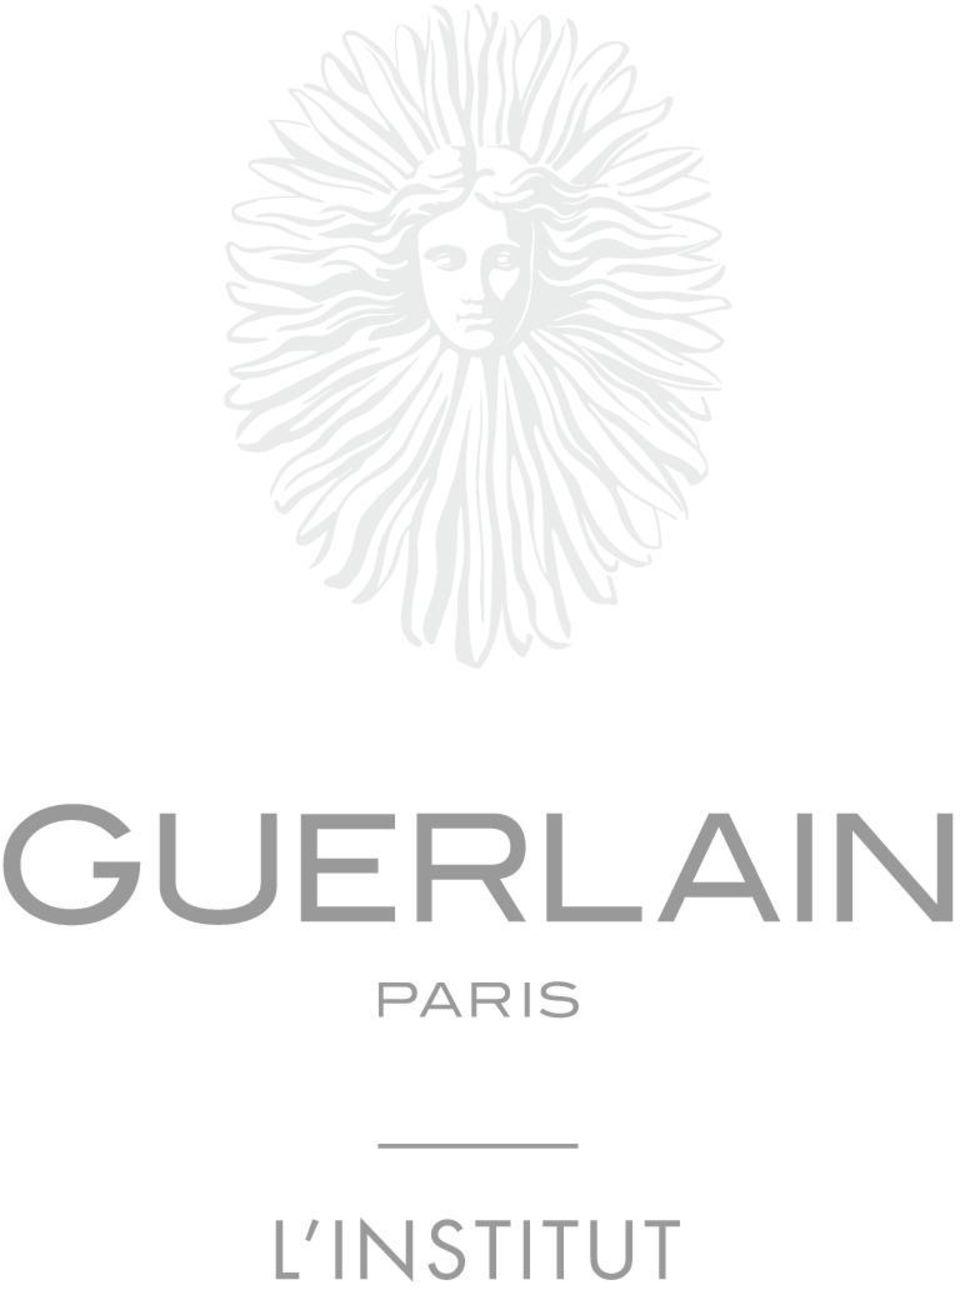 L'Institut Guerlain - Paris